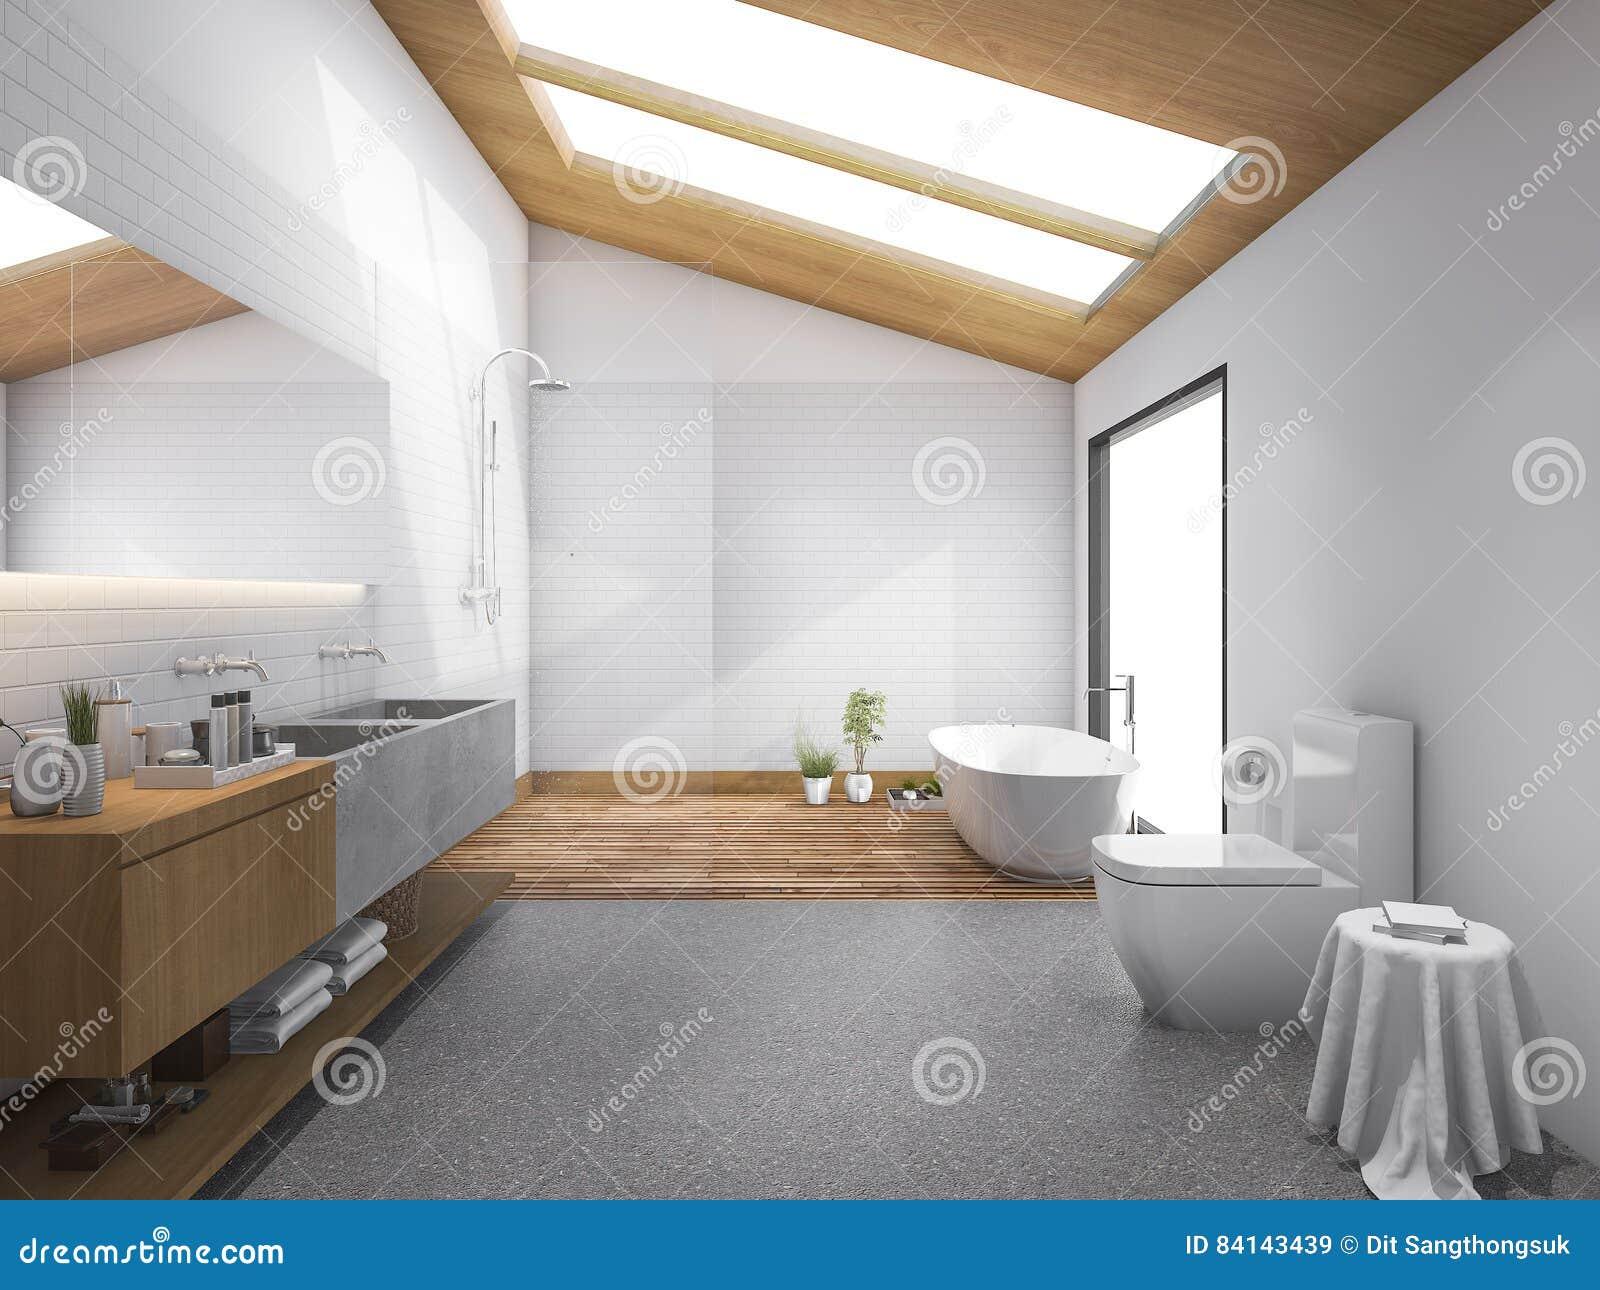 D het teruggeven dakraam houten dak met modern ontwerpbadkamers